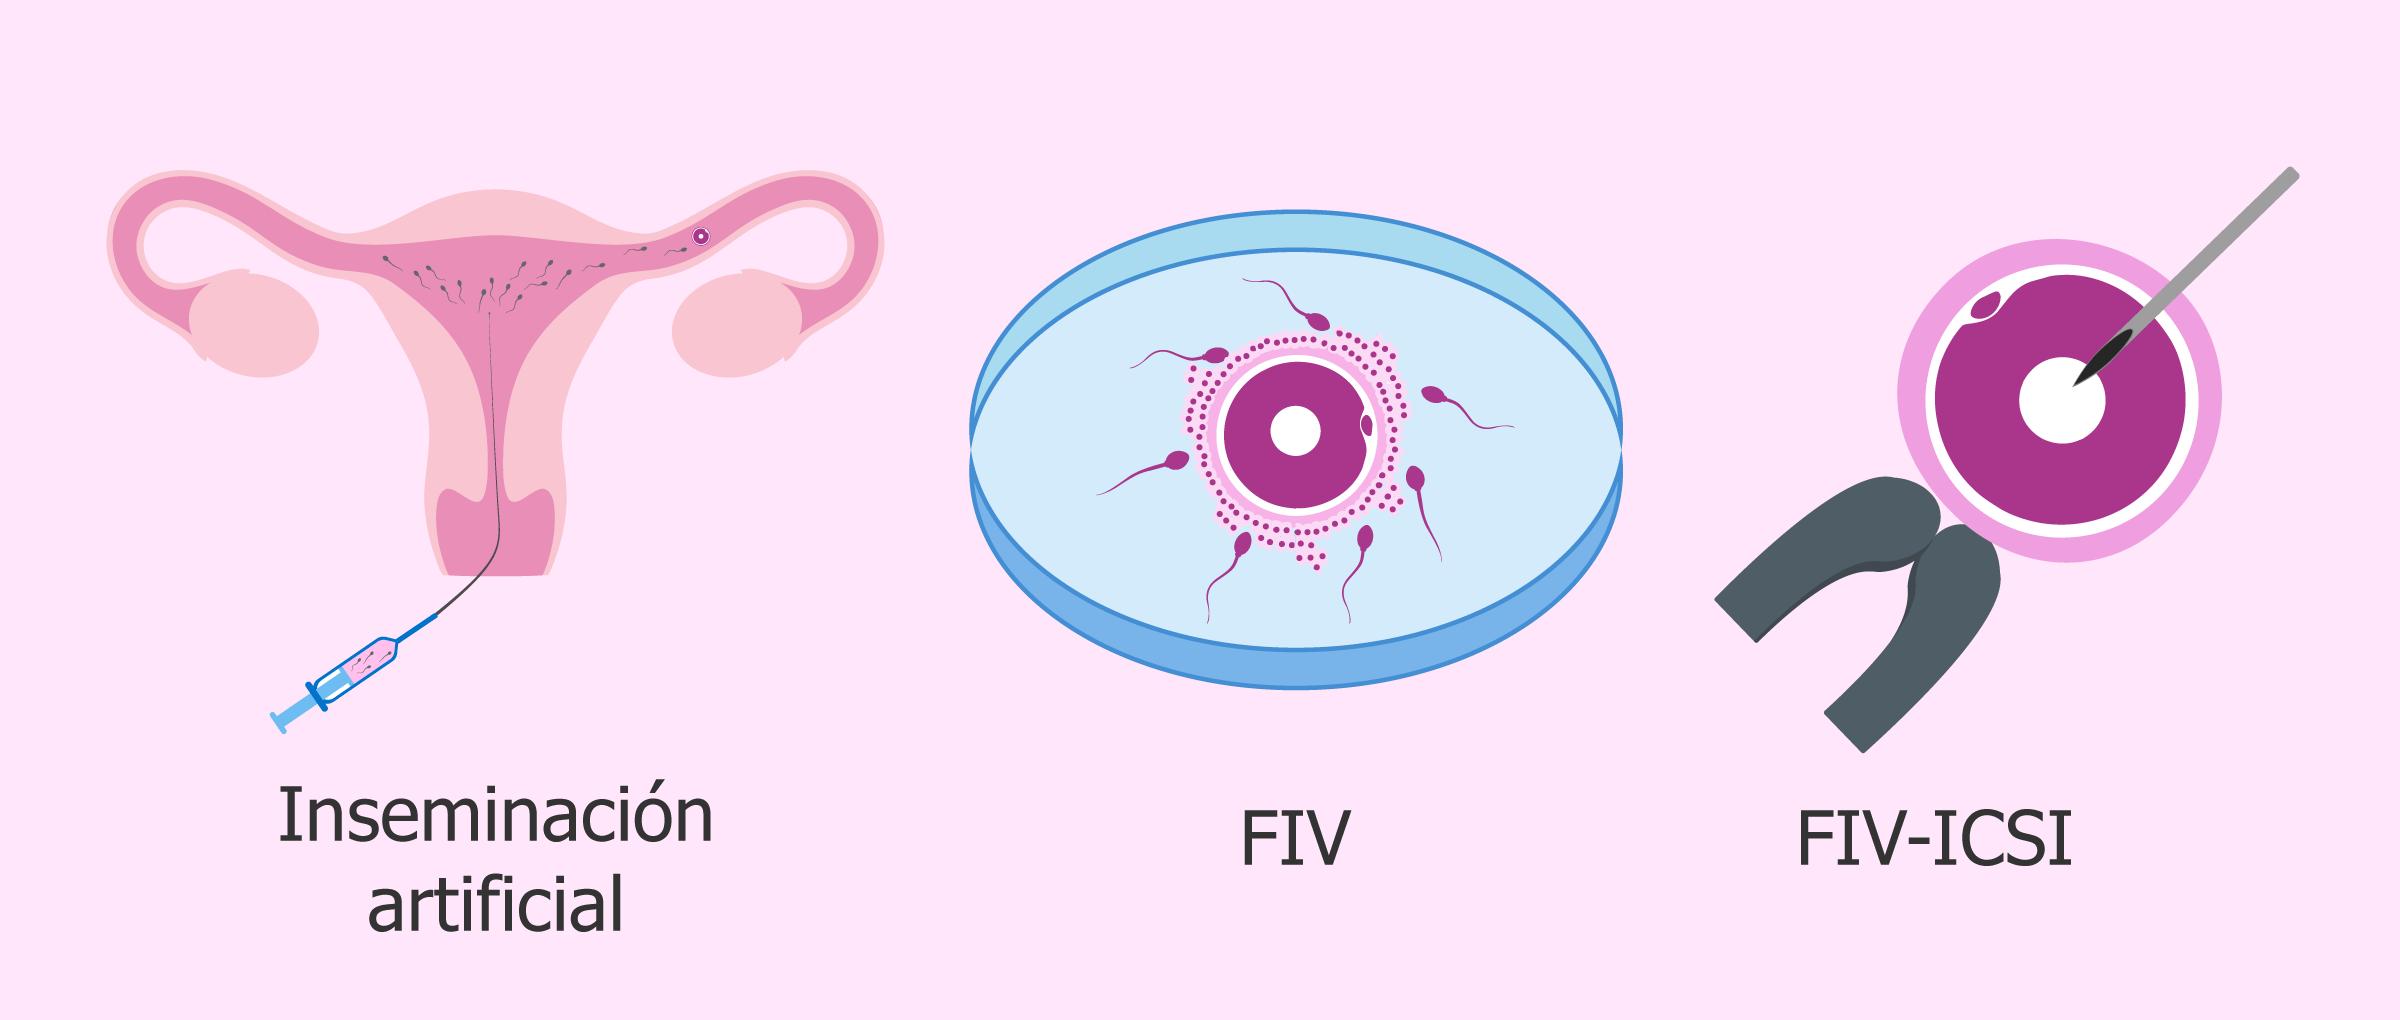 Técnicas con esperma de donante